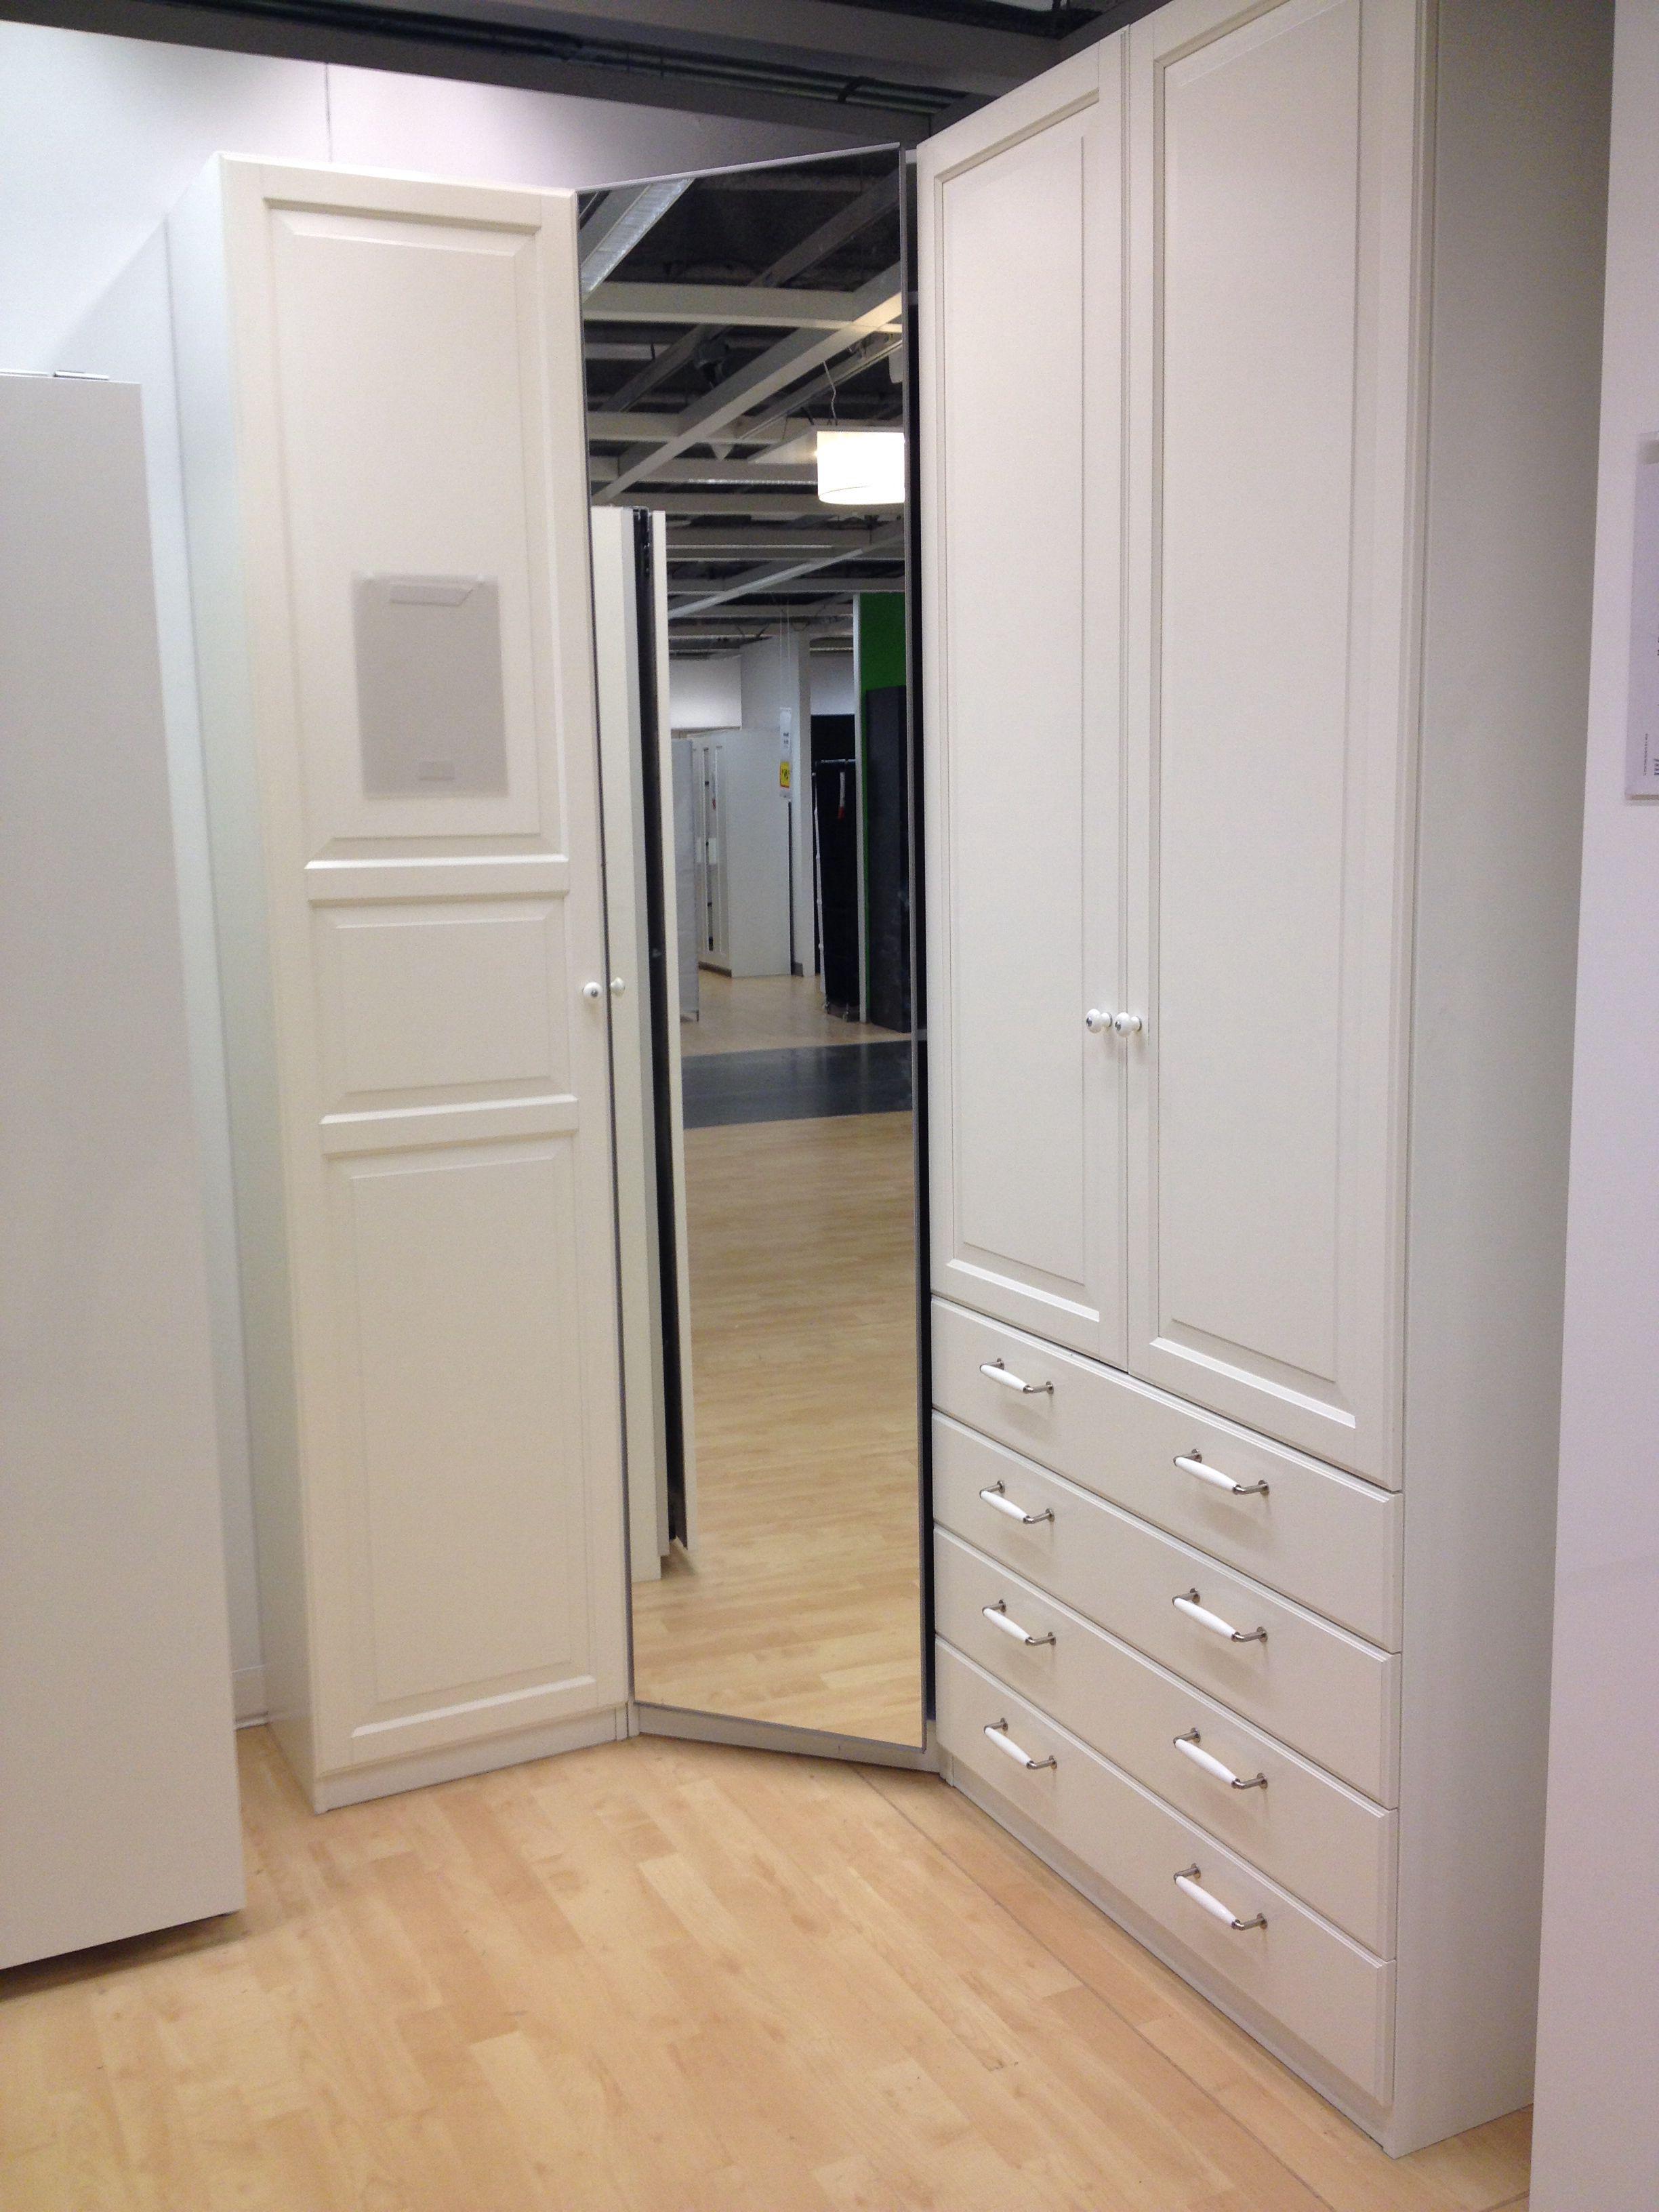 Ikea Corner Wardrobe Home In 2019 Corner Wardrobe